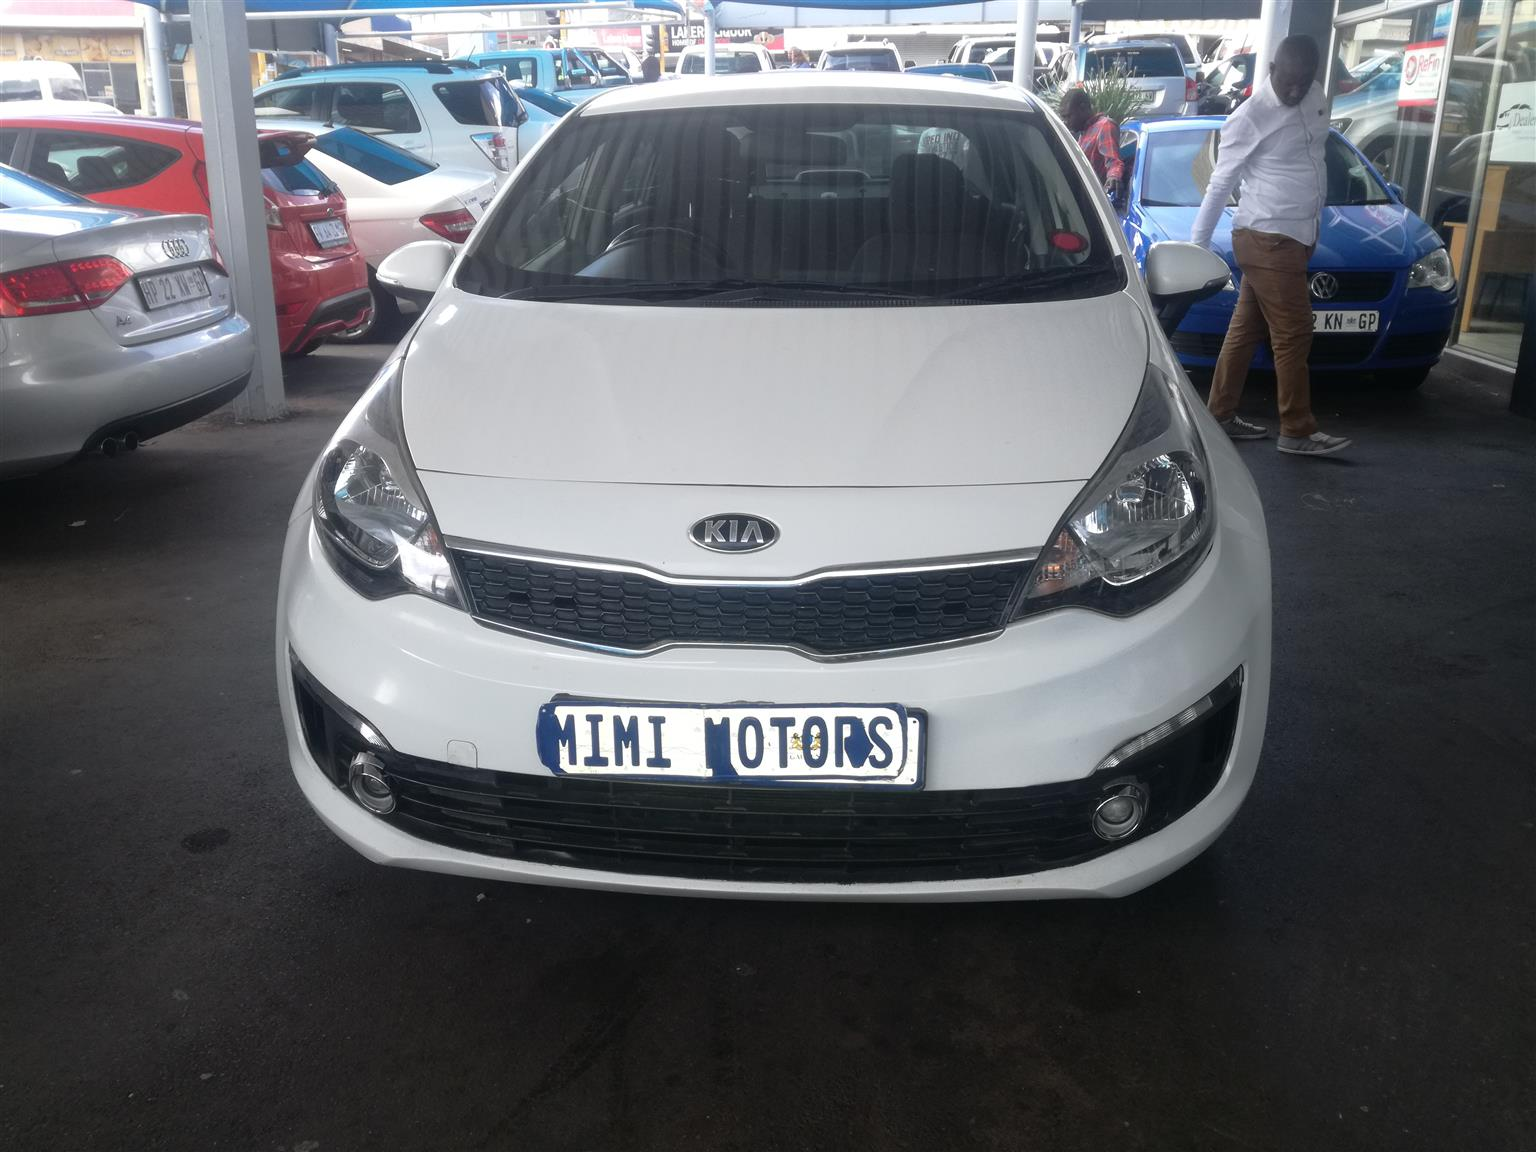 2015 Kia Rio 1.4 5 door